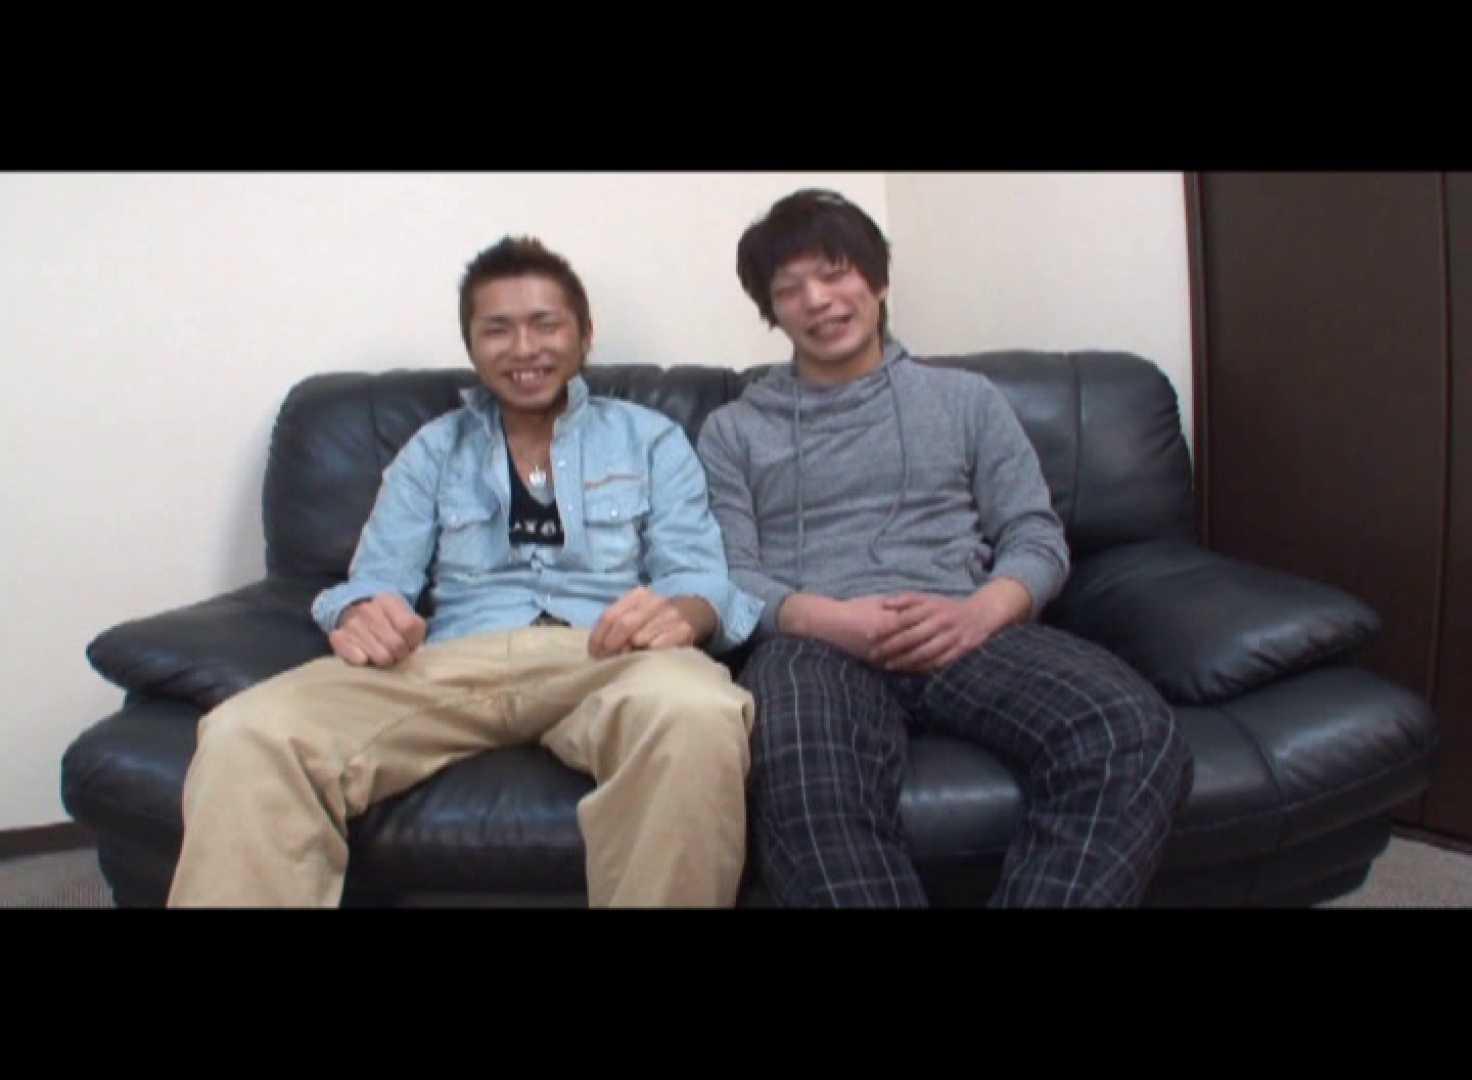 イケメンモッコリウォッチング!!No.09 男・男・男 ゲイアダルト画像 70枚 3